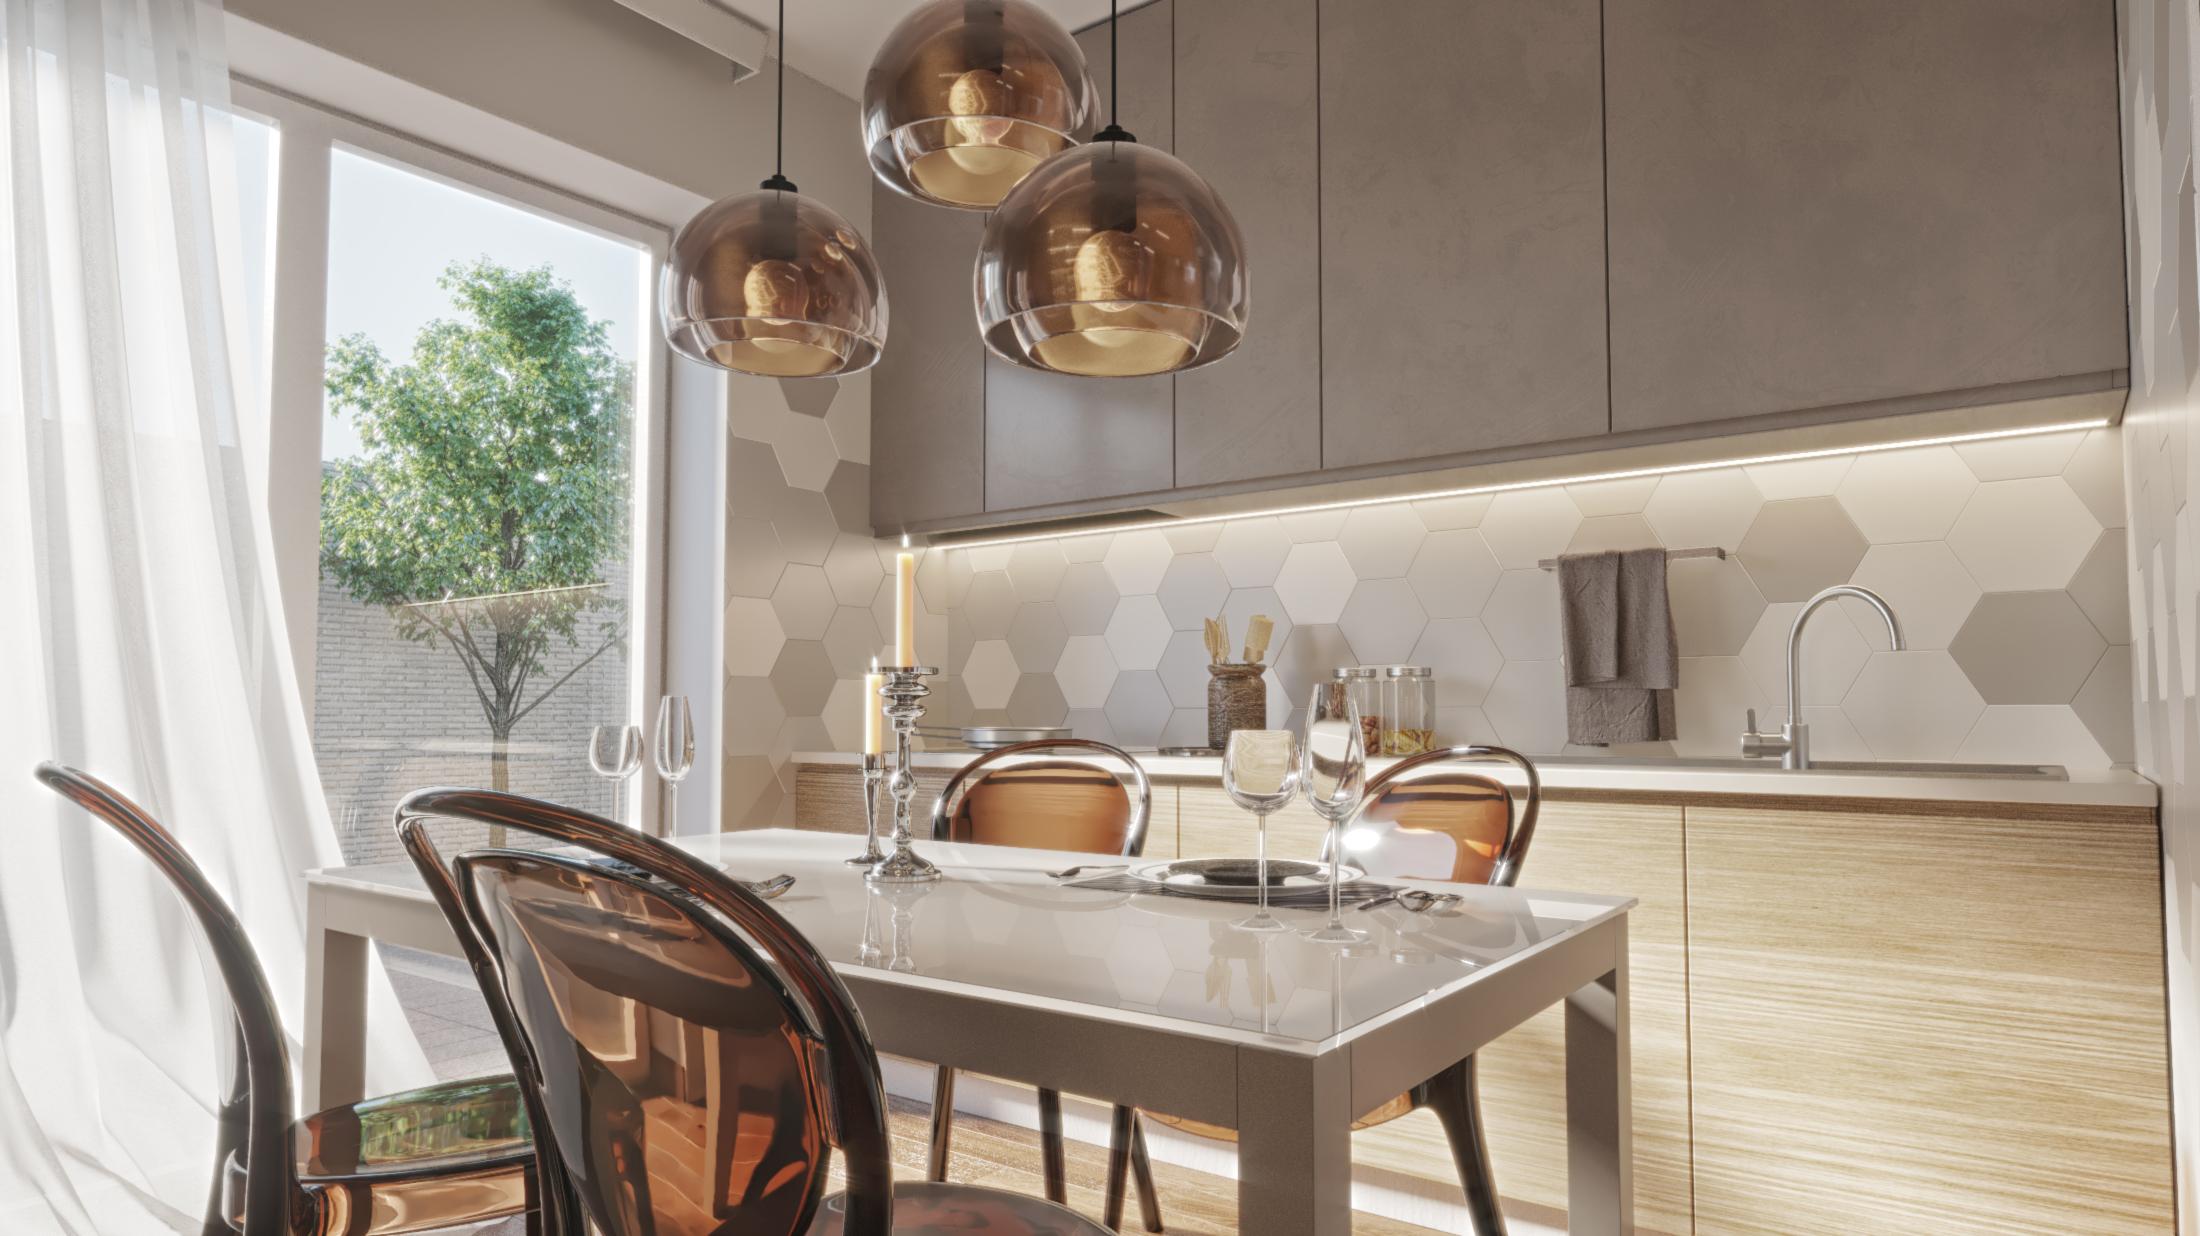 Lampade Sopra Tavolo Da Pranzo lampade a sospensione per il tavolo da pranzo: consigli e le